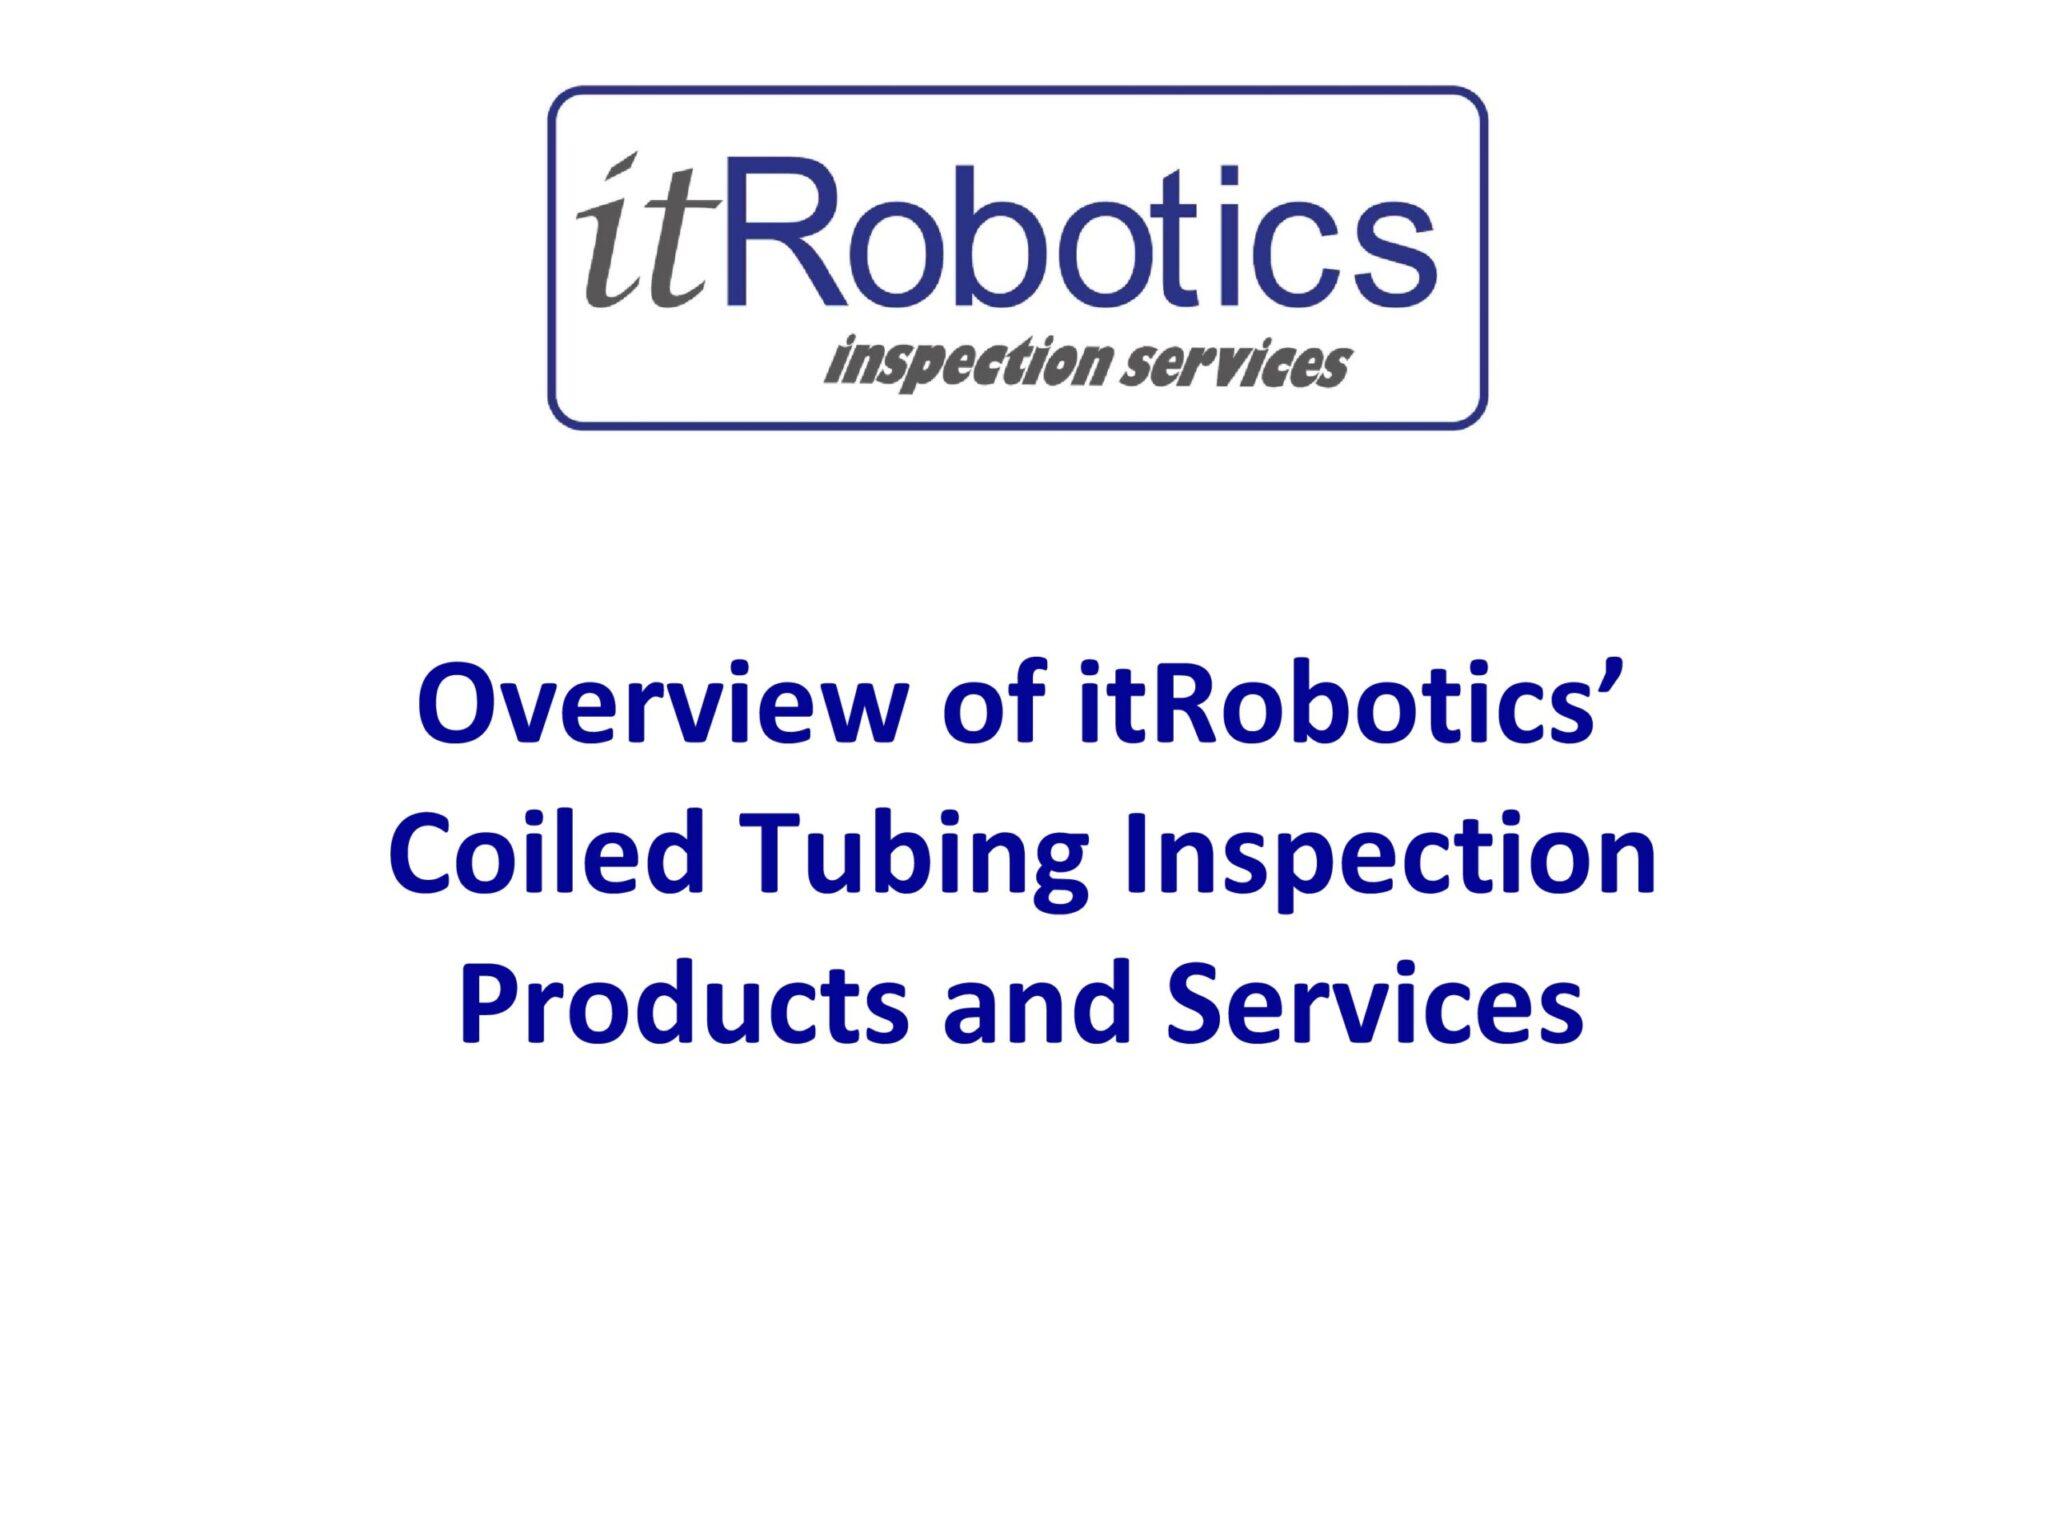 Overview of itRobotics